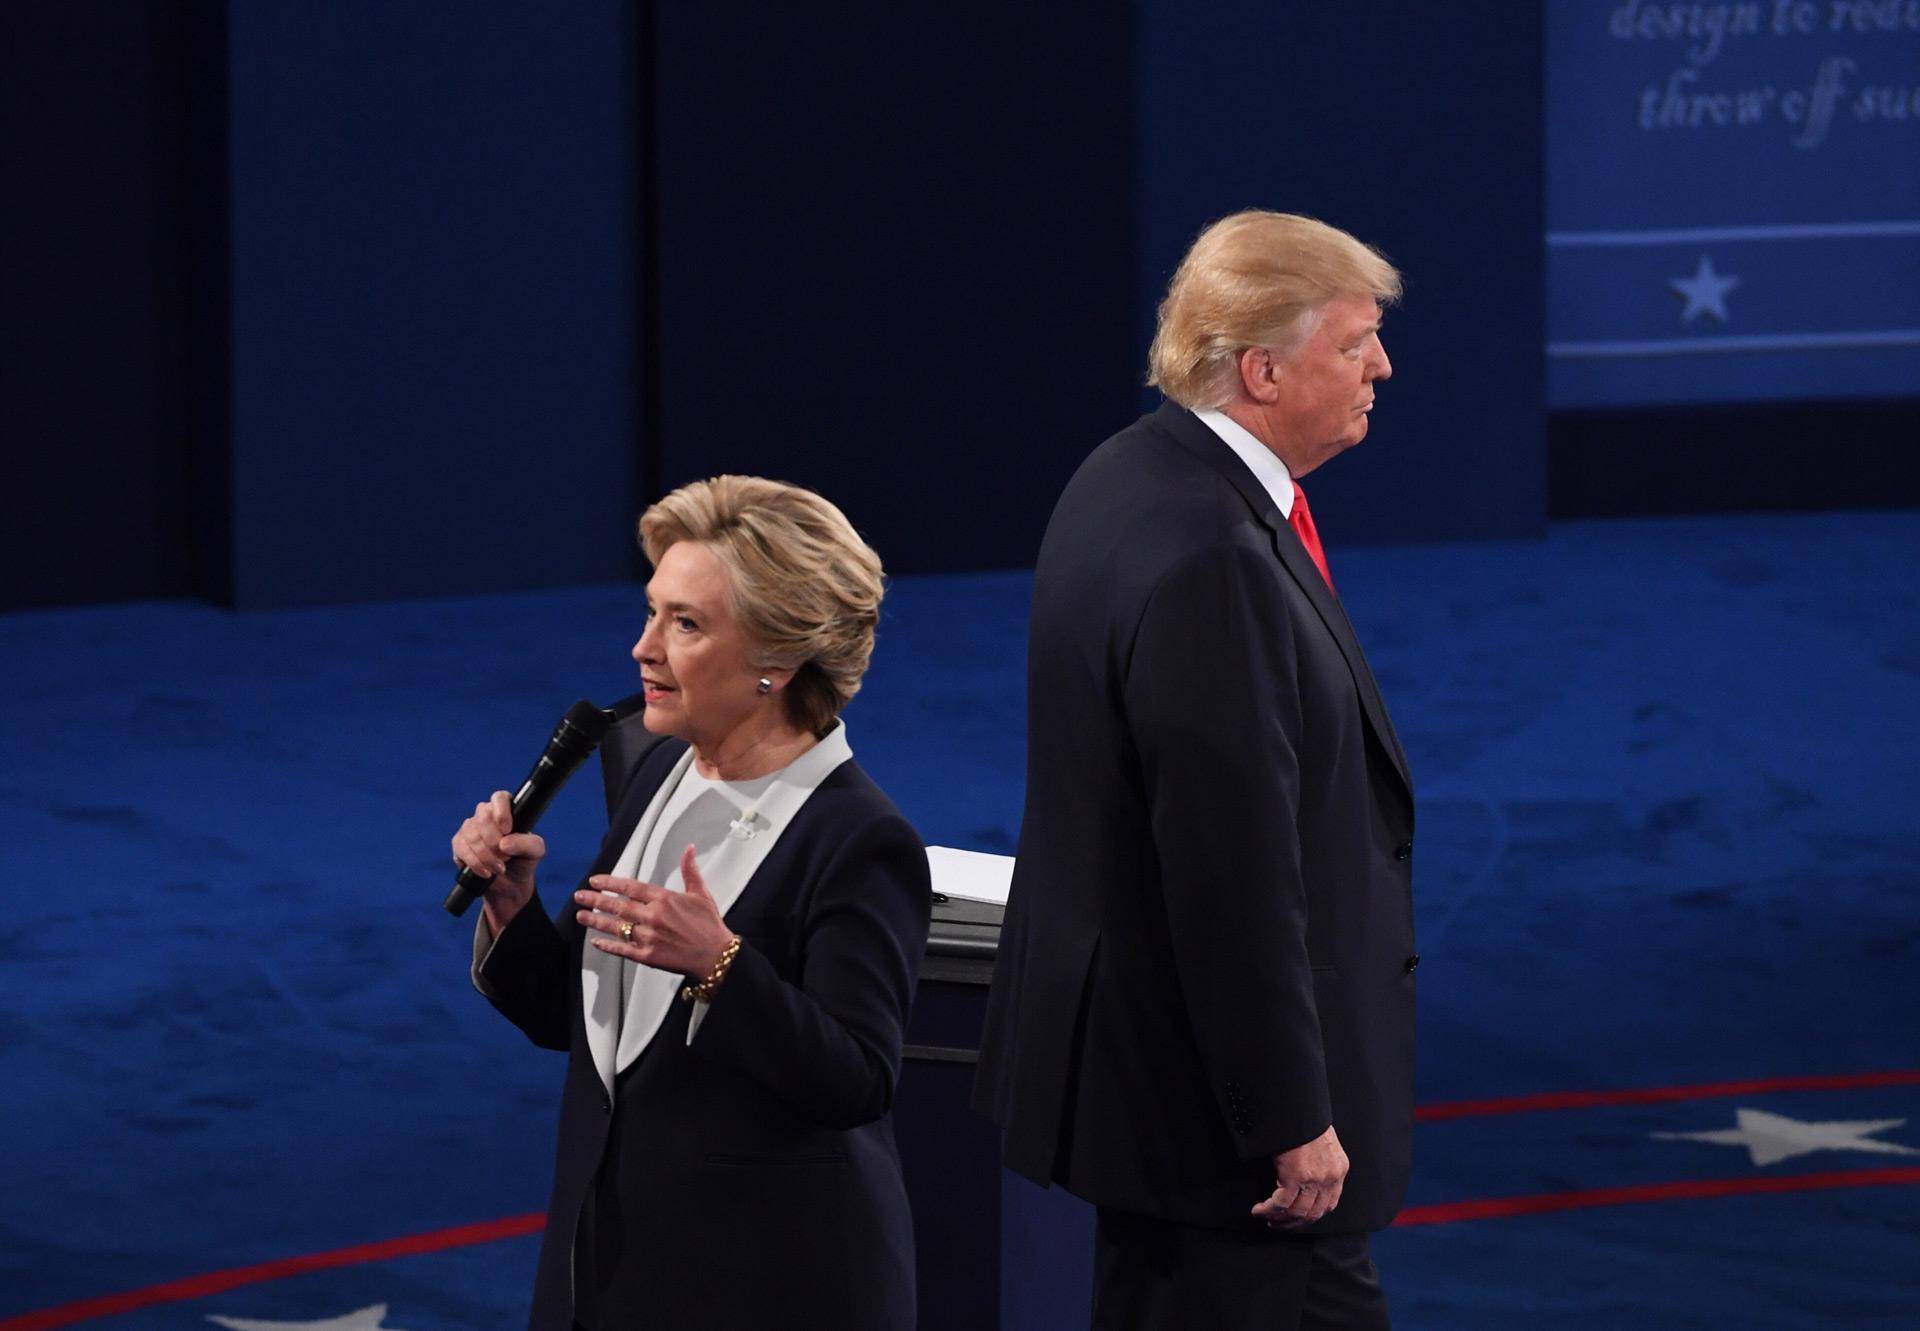 Хілларі Клінтон та Дональд Трамп під час другого туру передвиборчих дебатів у США / Фото: Xinhua/Укрінформ.